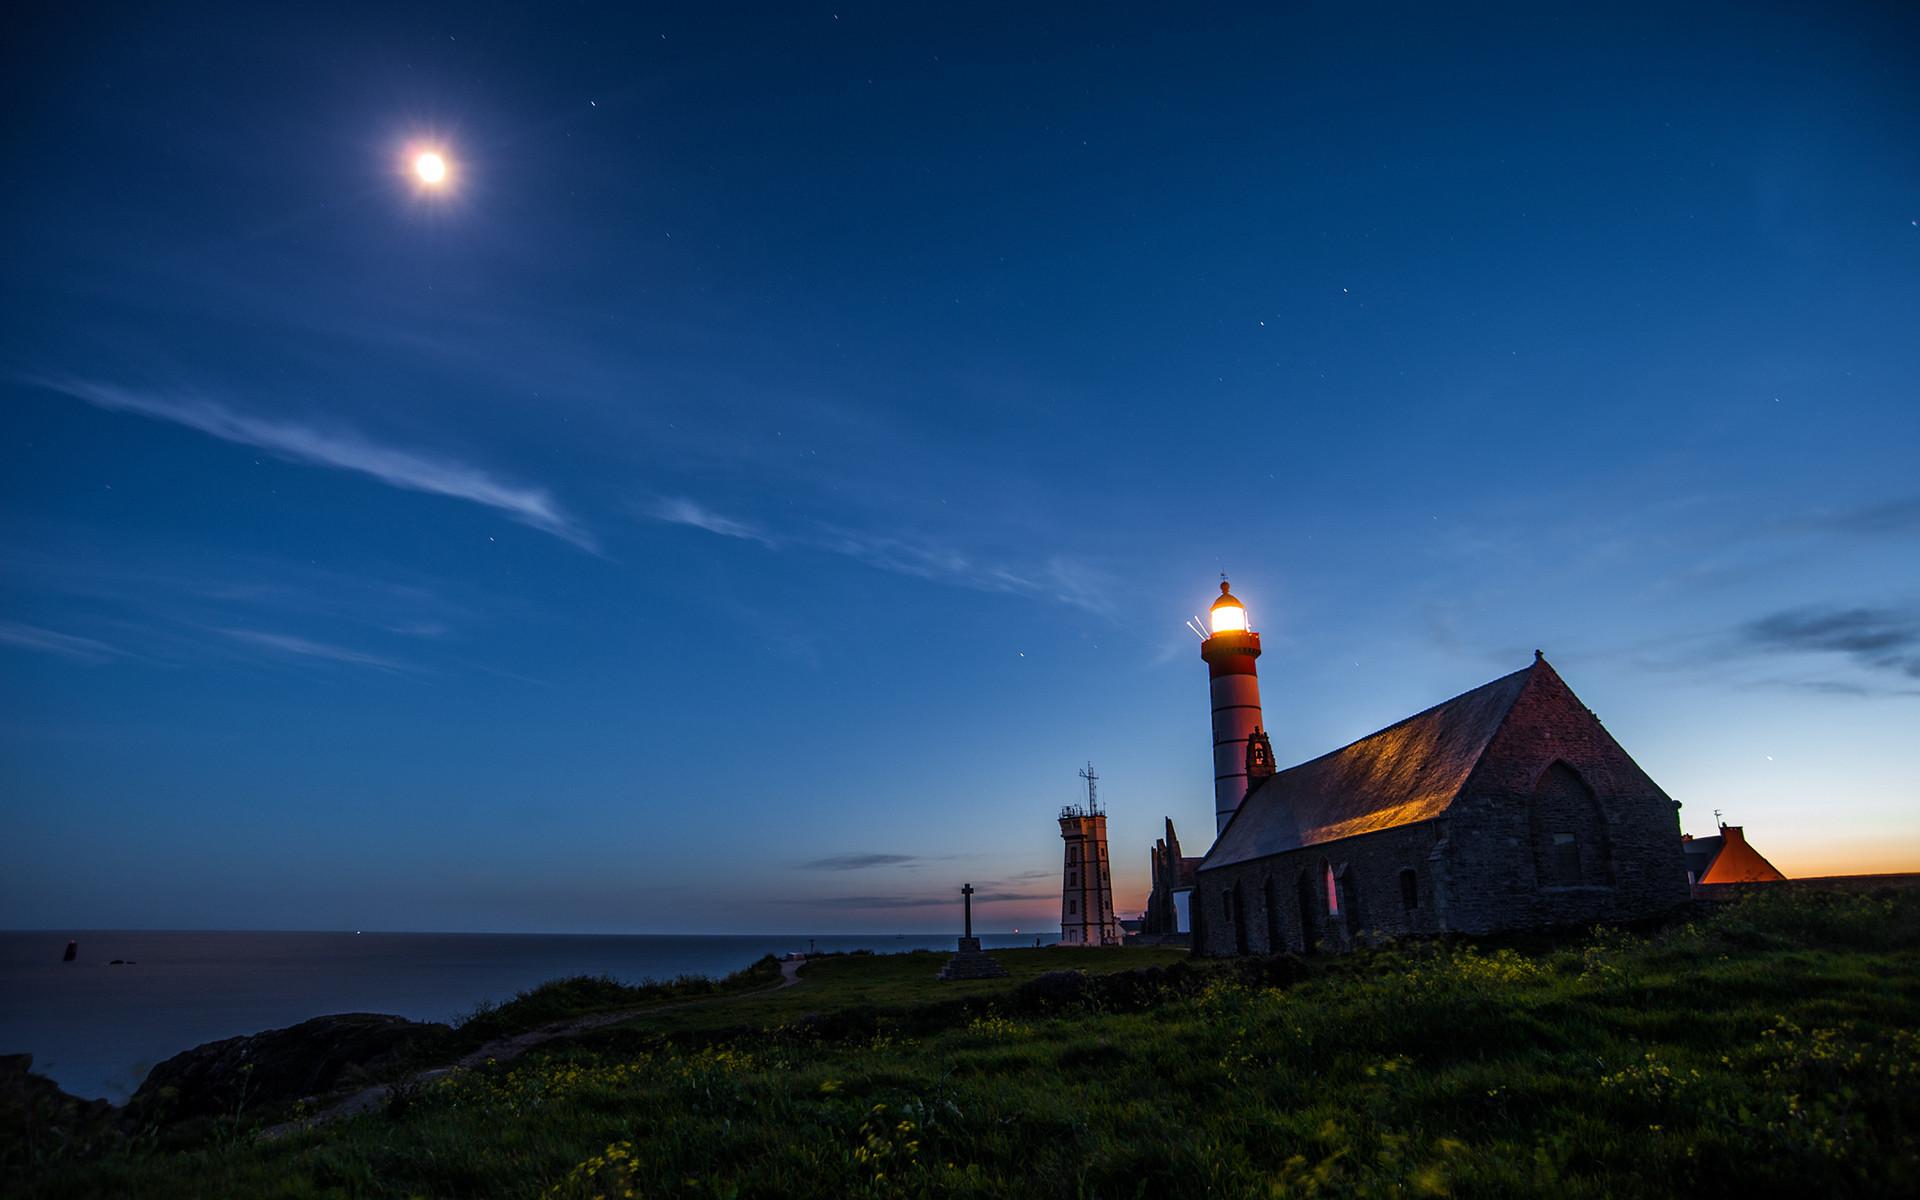 Lighthouse Ocean Night Moonlight Grass wallpaper     119729    WallpaperUP